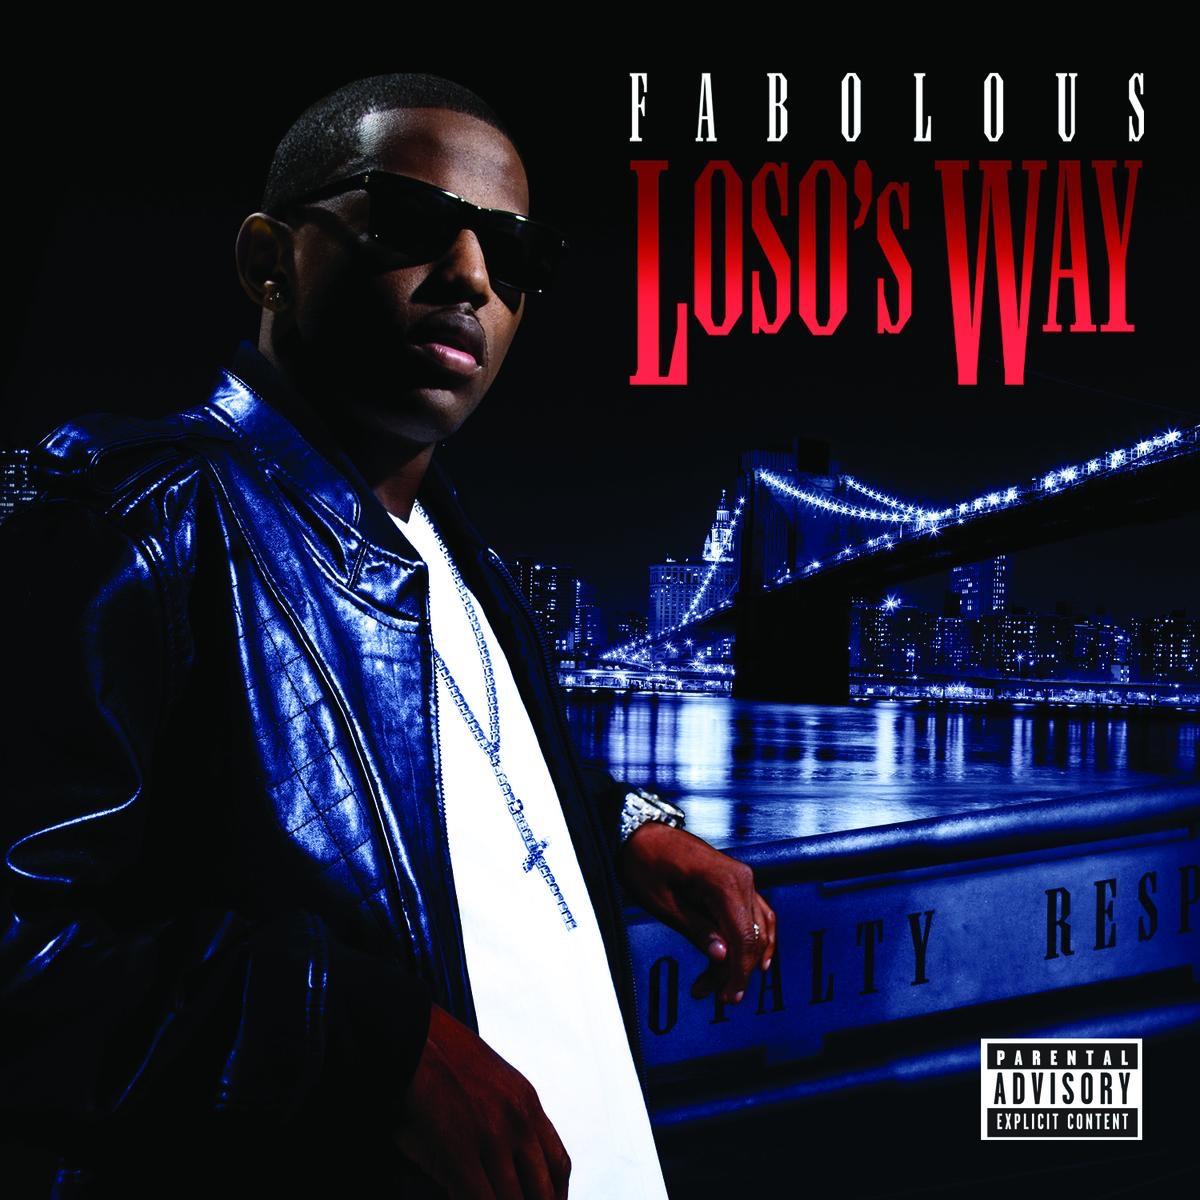 Losos Way Fabolous CD cover